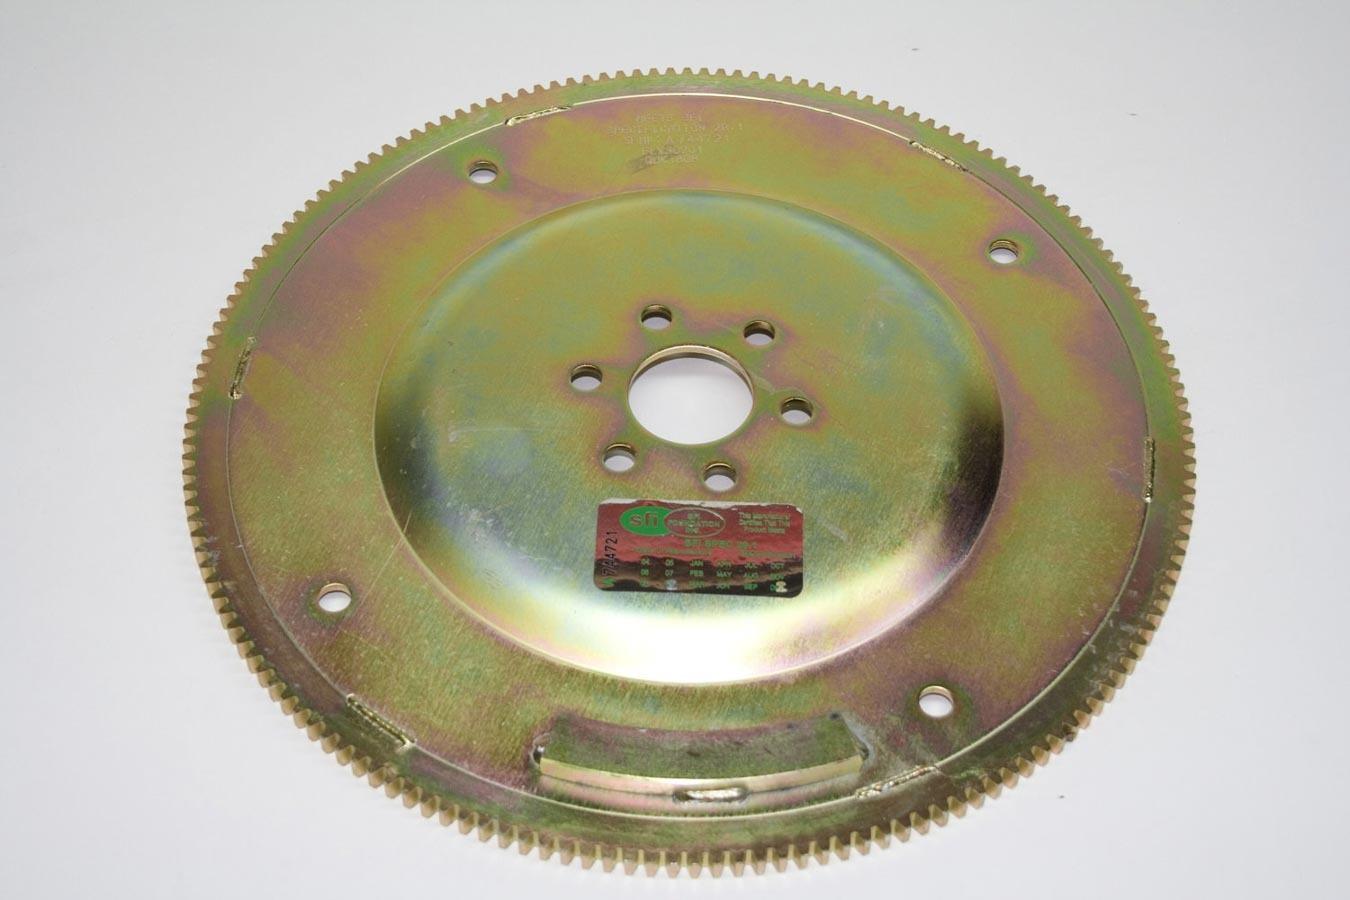 Prw Industries, Inc. Chromoly Flexplate - SFI SBF 164T 28oz.